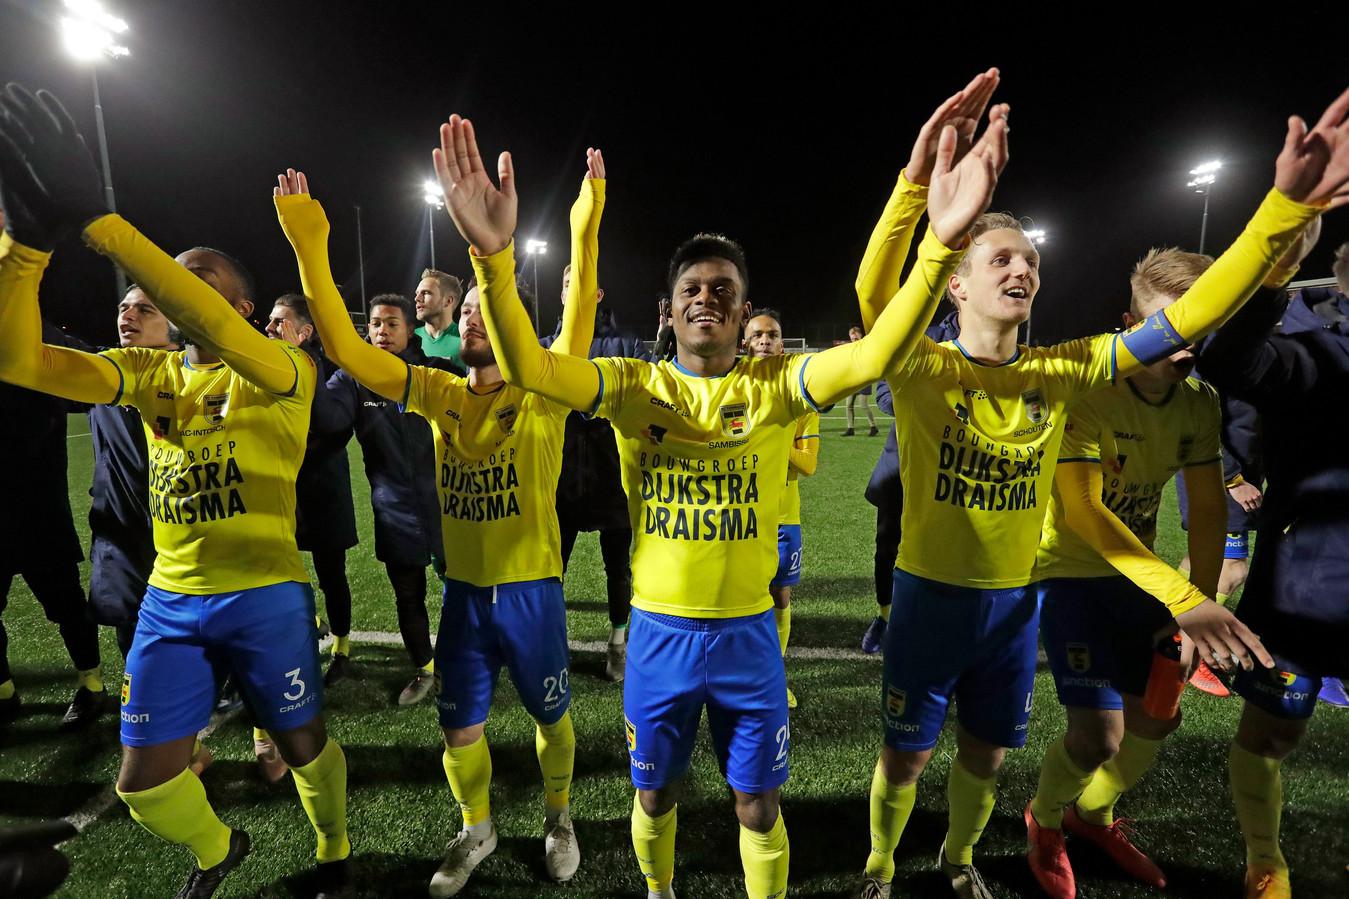 De spelers van Cambuur vieren de  0-3 overwinning bij Jong AZ in de voorlopig laatste wedstrijd die de club speelde.